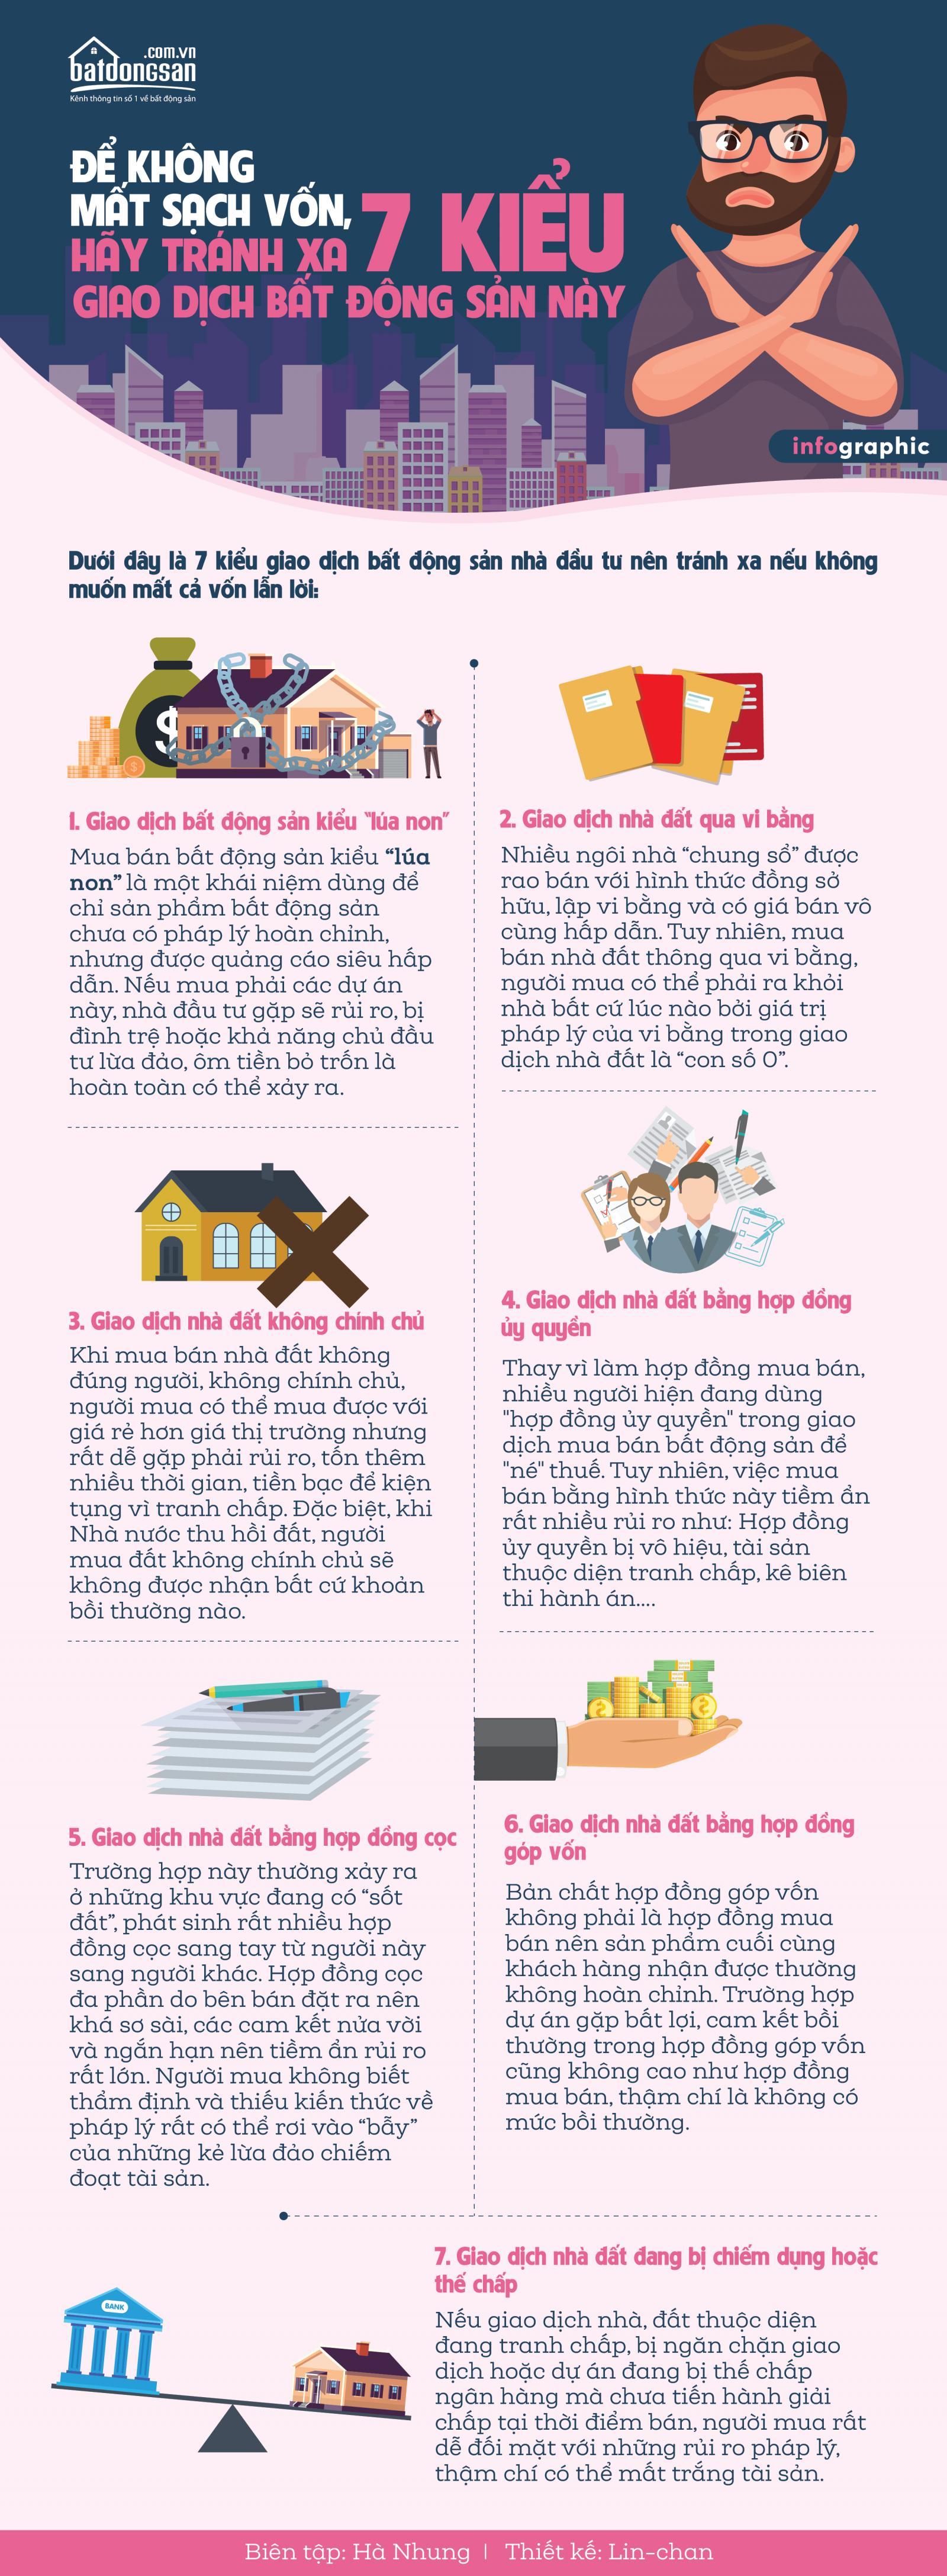 [Infographic] Để không mất sạch vốn, hãy tránh xa 7 kiểu giao dịch bất động sản này